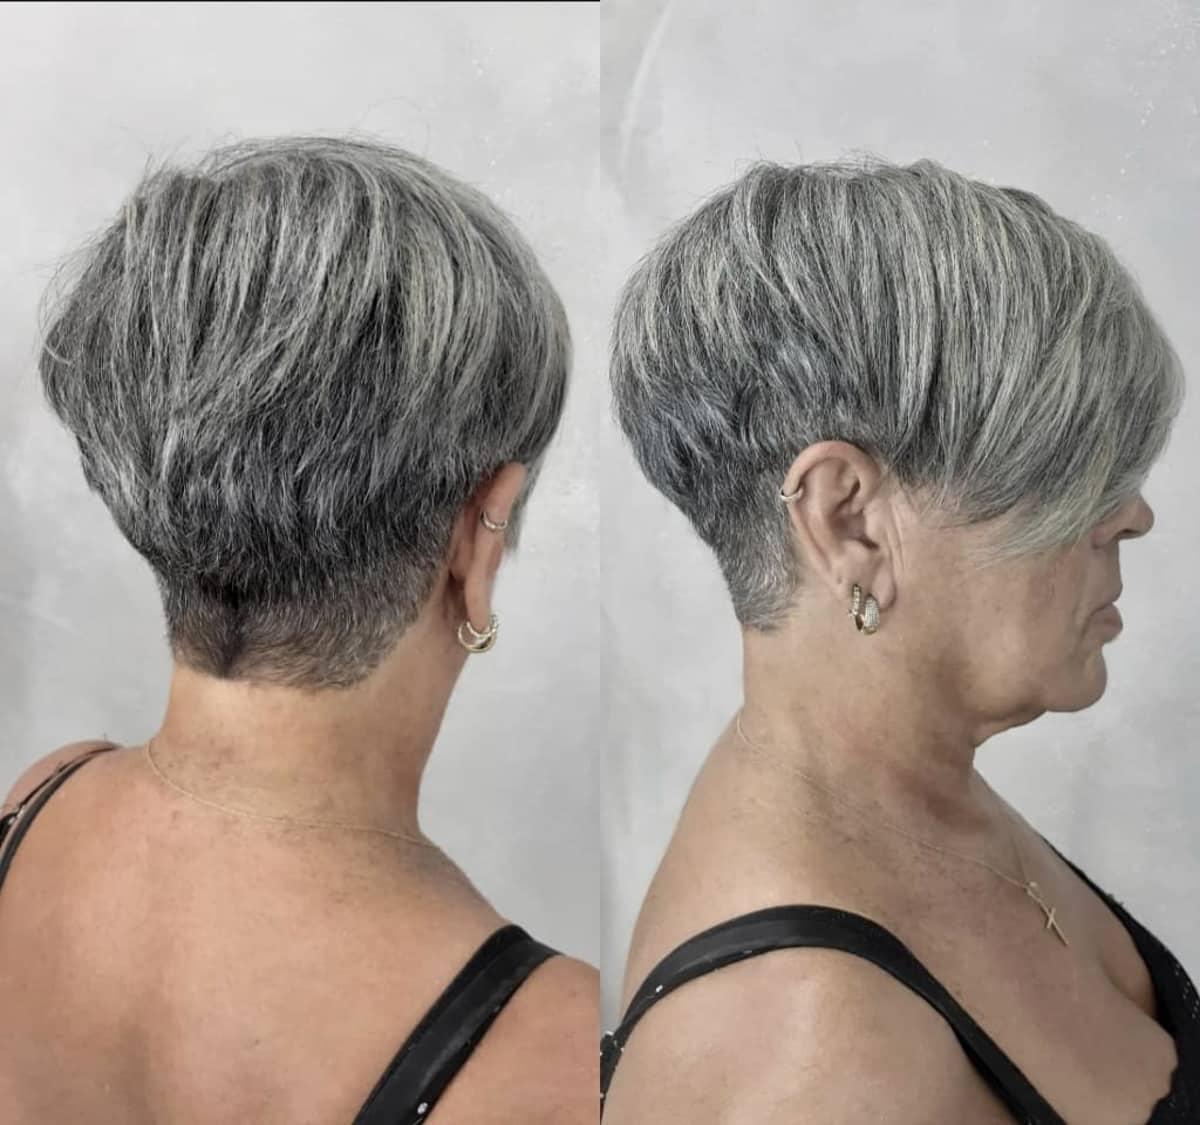 Coupe courte pixie sel et poivre pour les femmes vieillissantes.